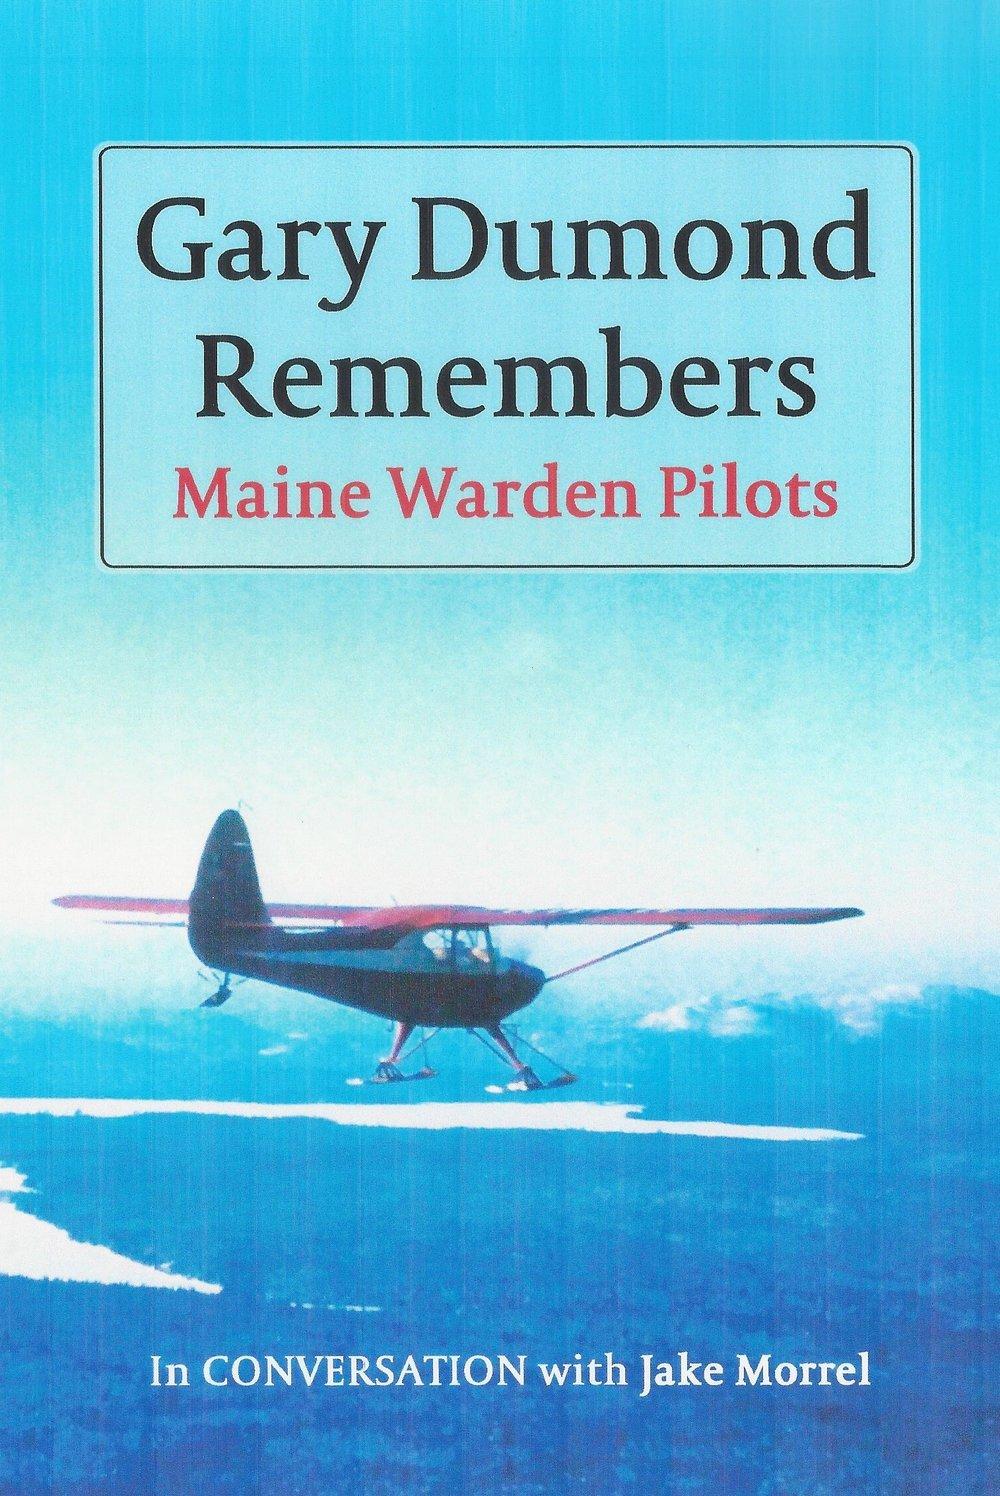 Gary Dumond - Maine Warden Pilots